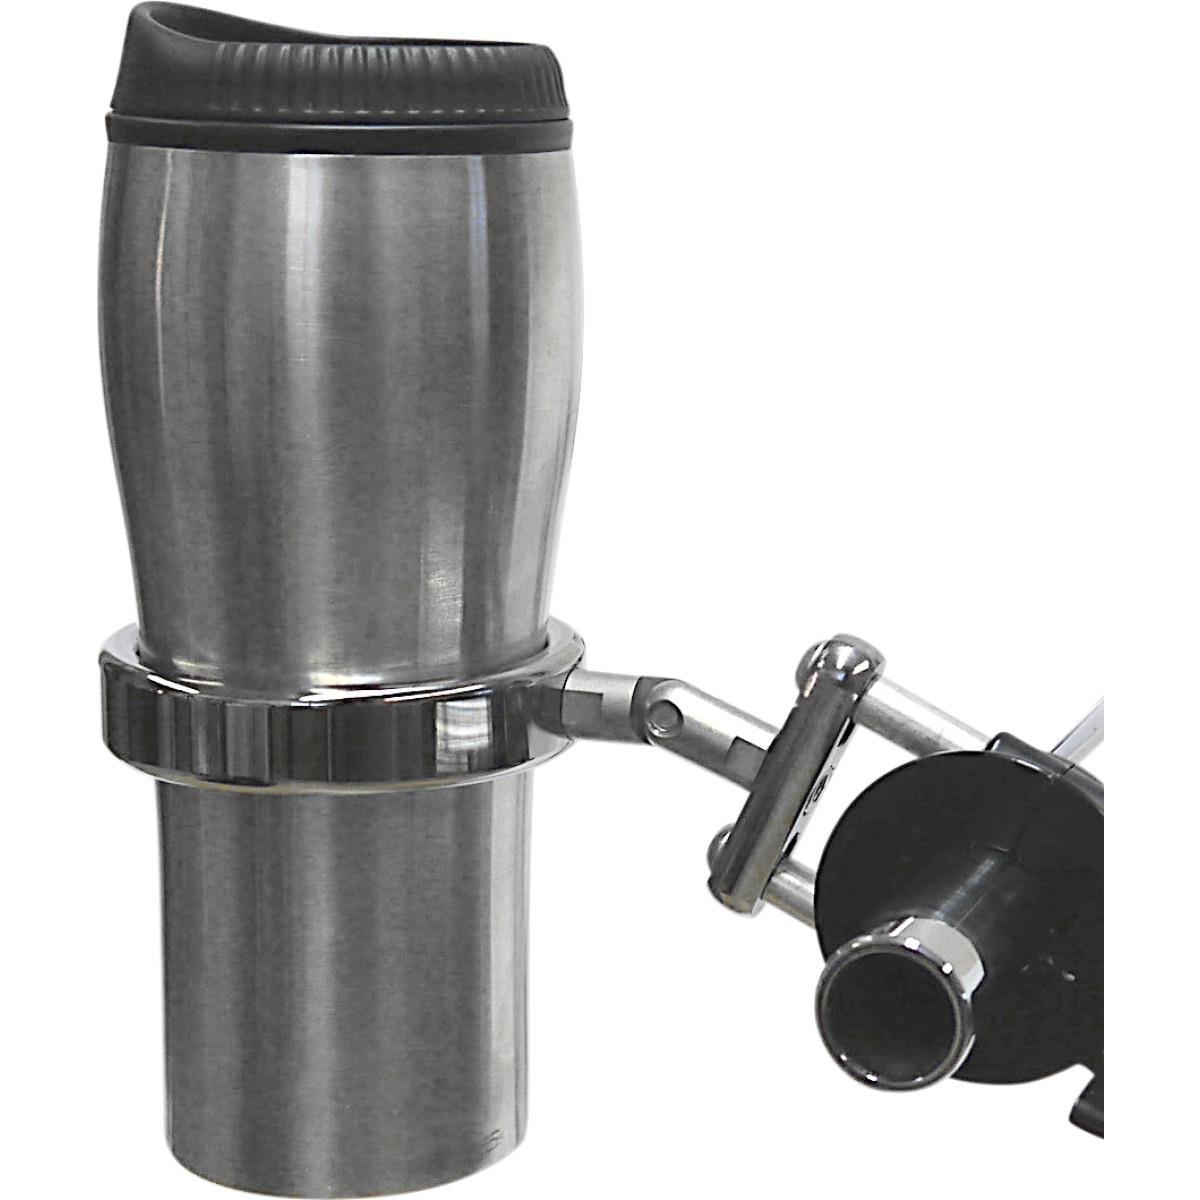 Desert Dawgs RURECH RoadRunner PLUS Drink Holder w/Travel Mug - Brake/Clutch Mount - Chrome